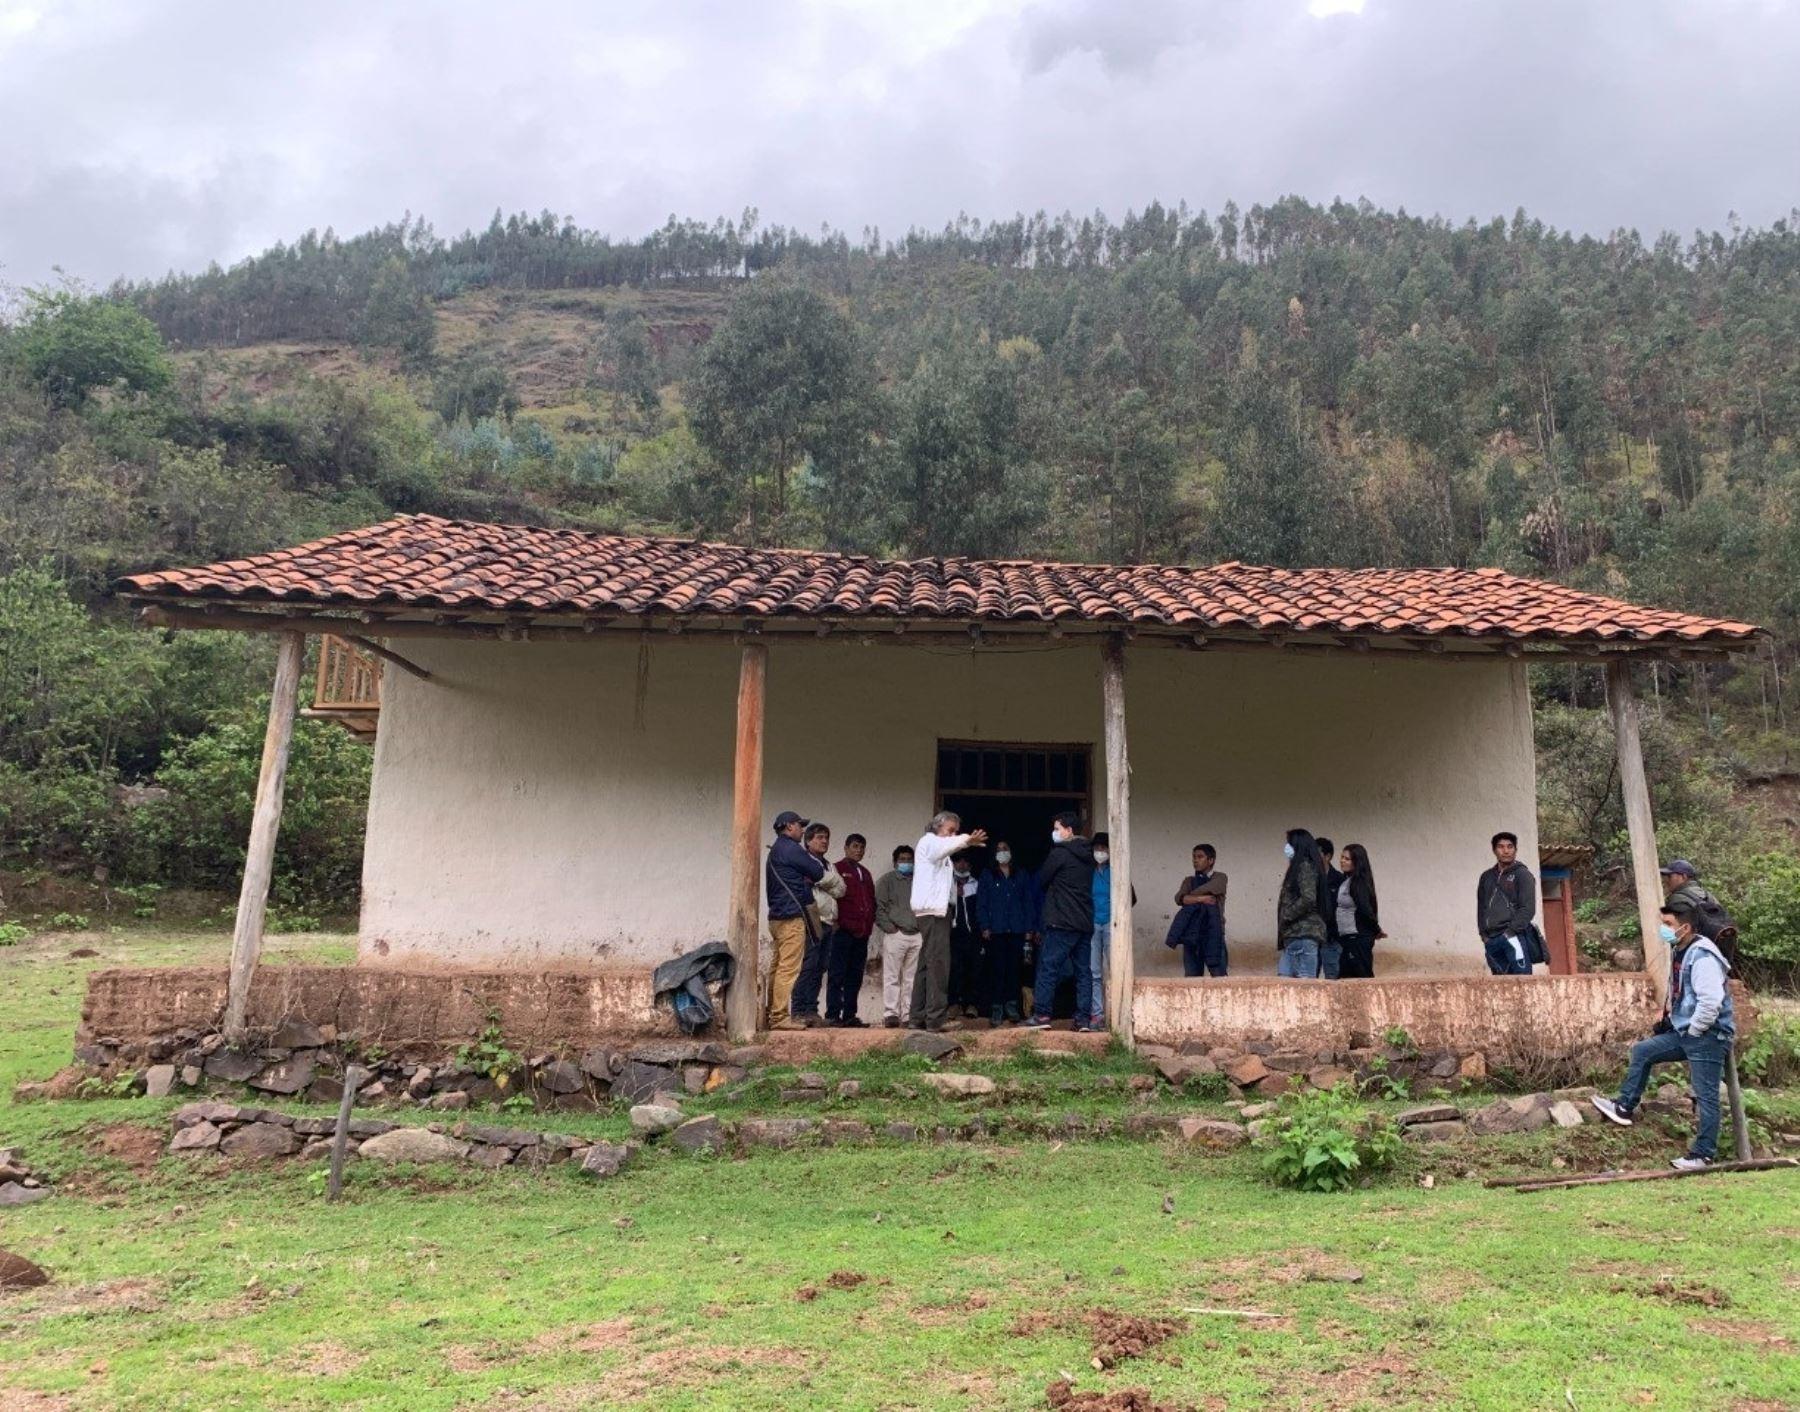 Conoce la Ruta de la Independencia que siguió Simón Bolívar en La Libertad como parte del proceso de emancipación del Perú que se selló en 1824 con la batalla de Ayacucho. Foto: Paolo Varas.